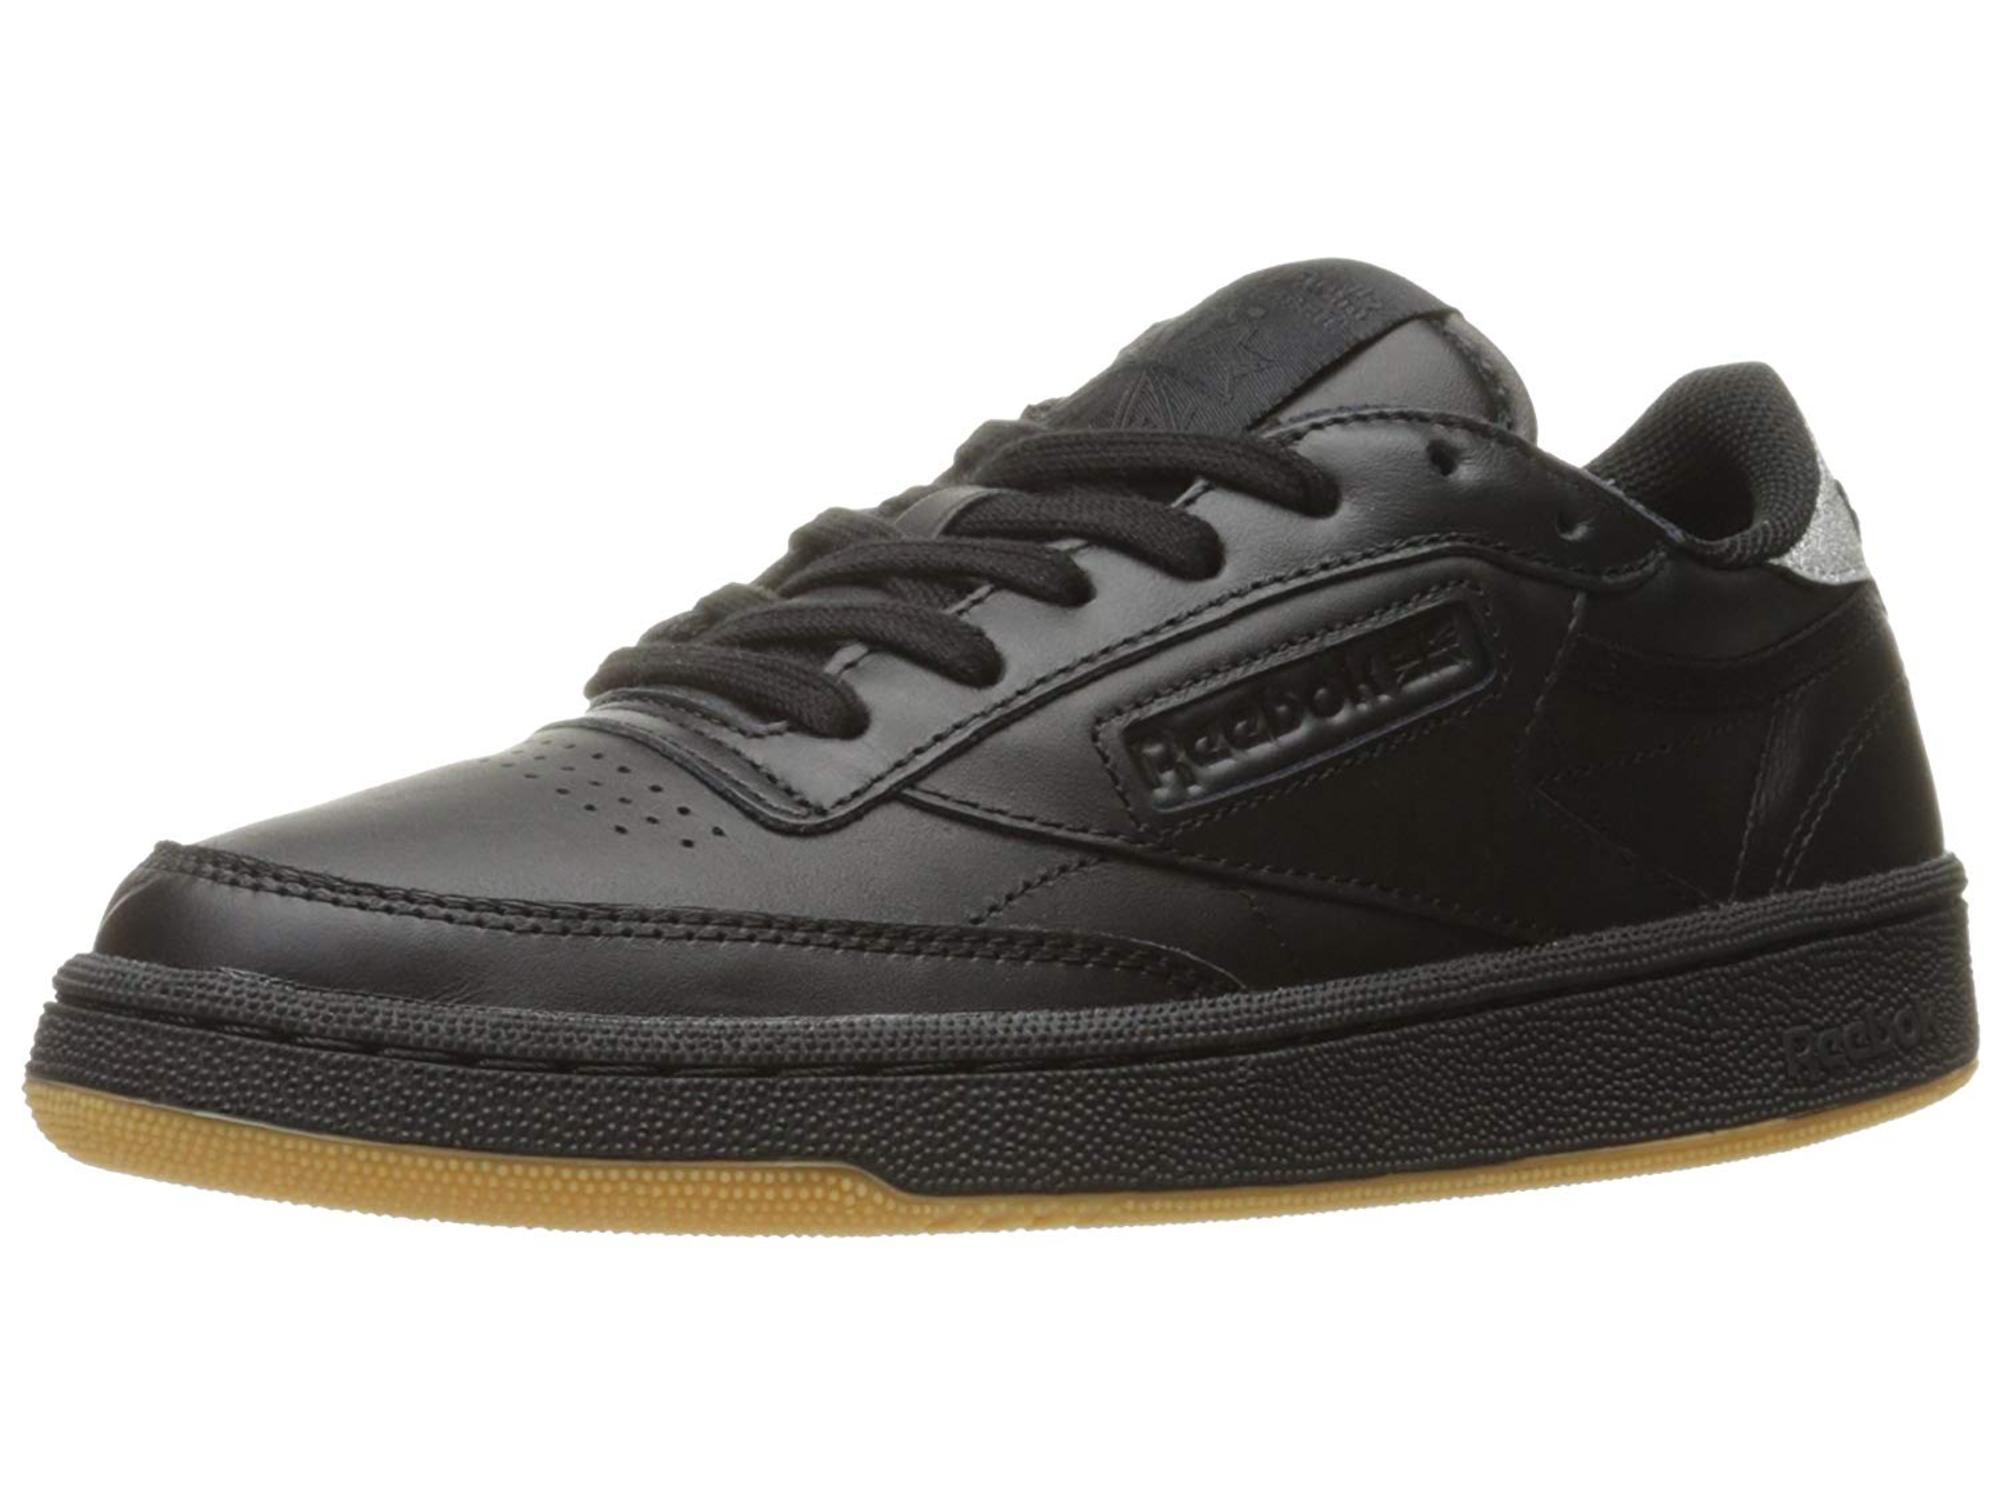 16d8bbb9705 Reebok Women s Club C 85 Diamond Fashion Sneaker